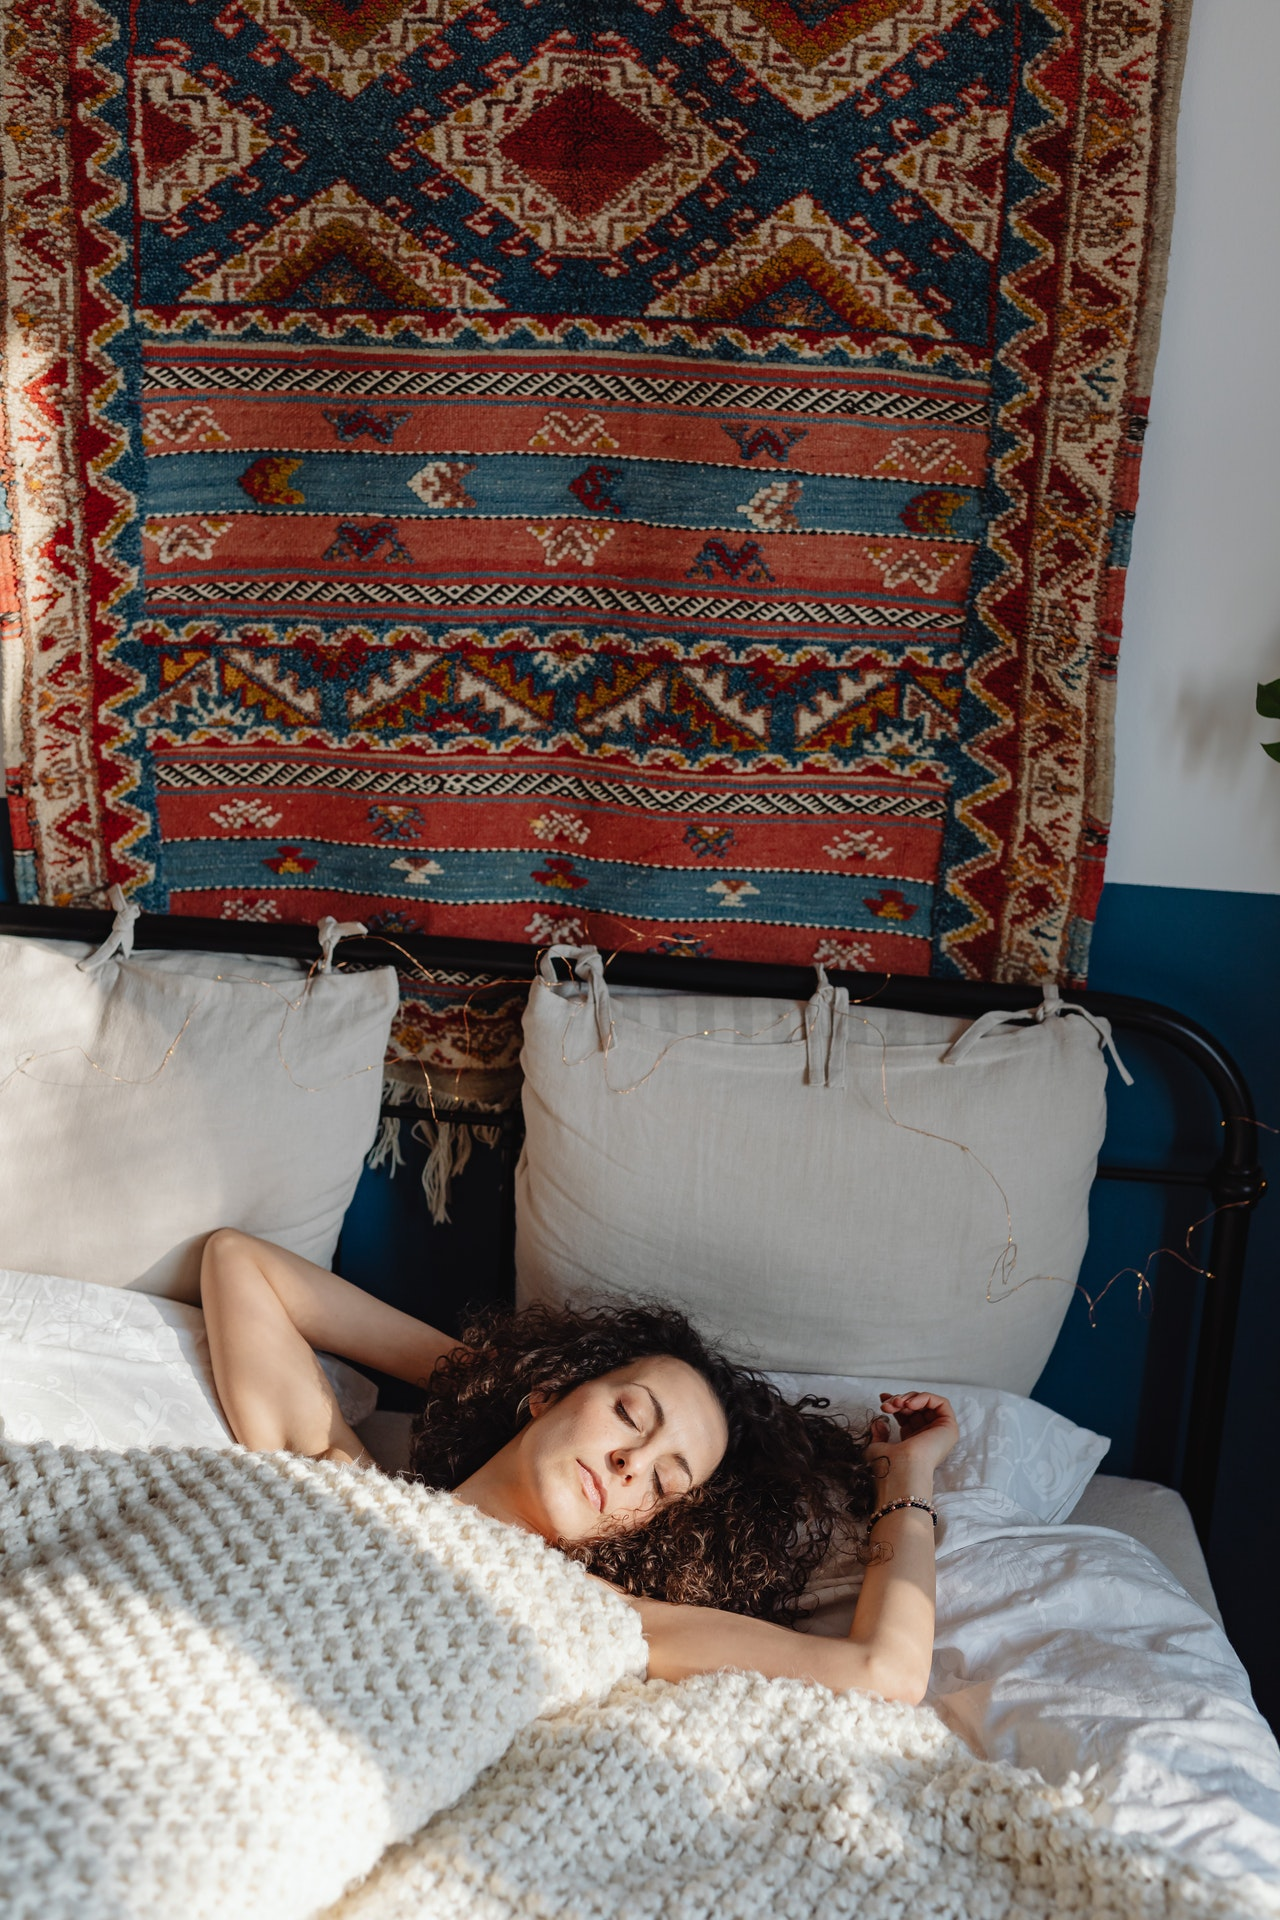 quilt in bedroom